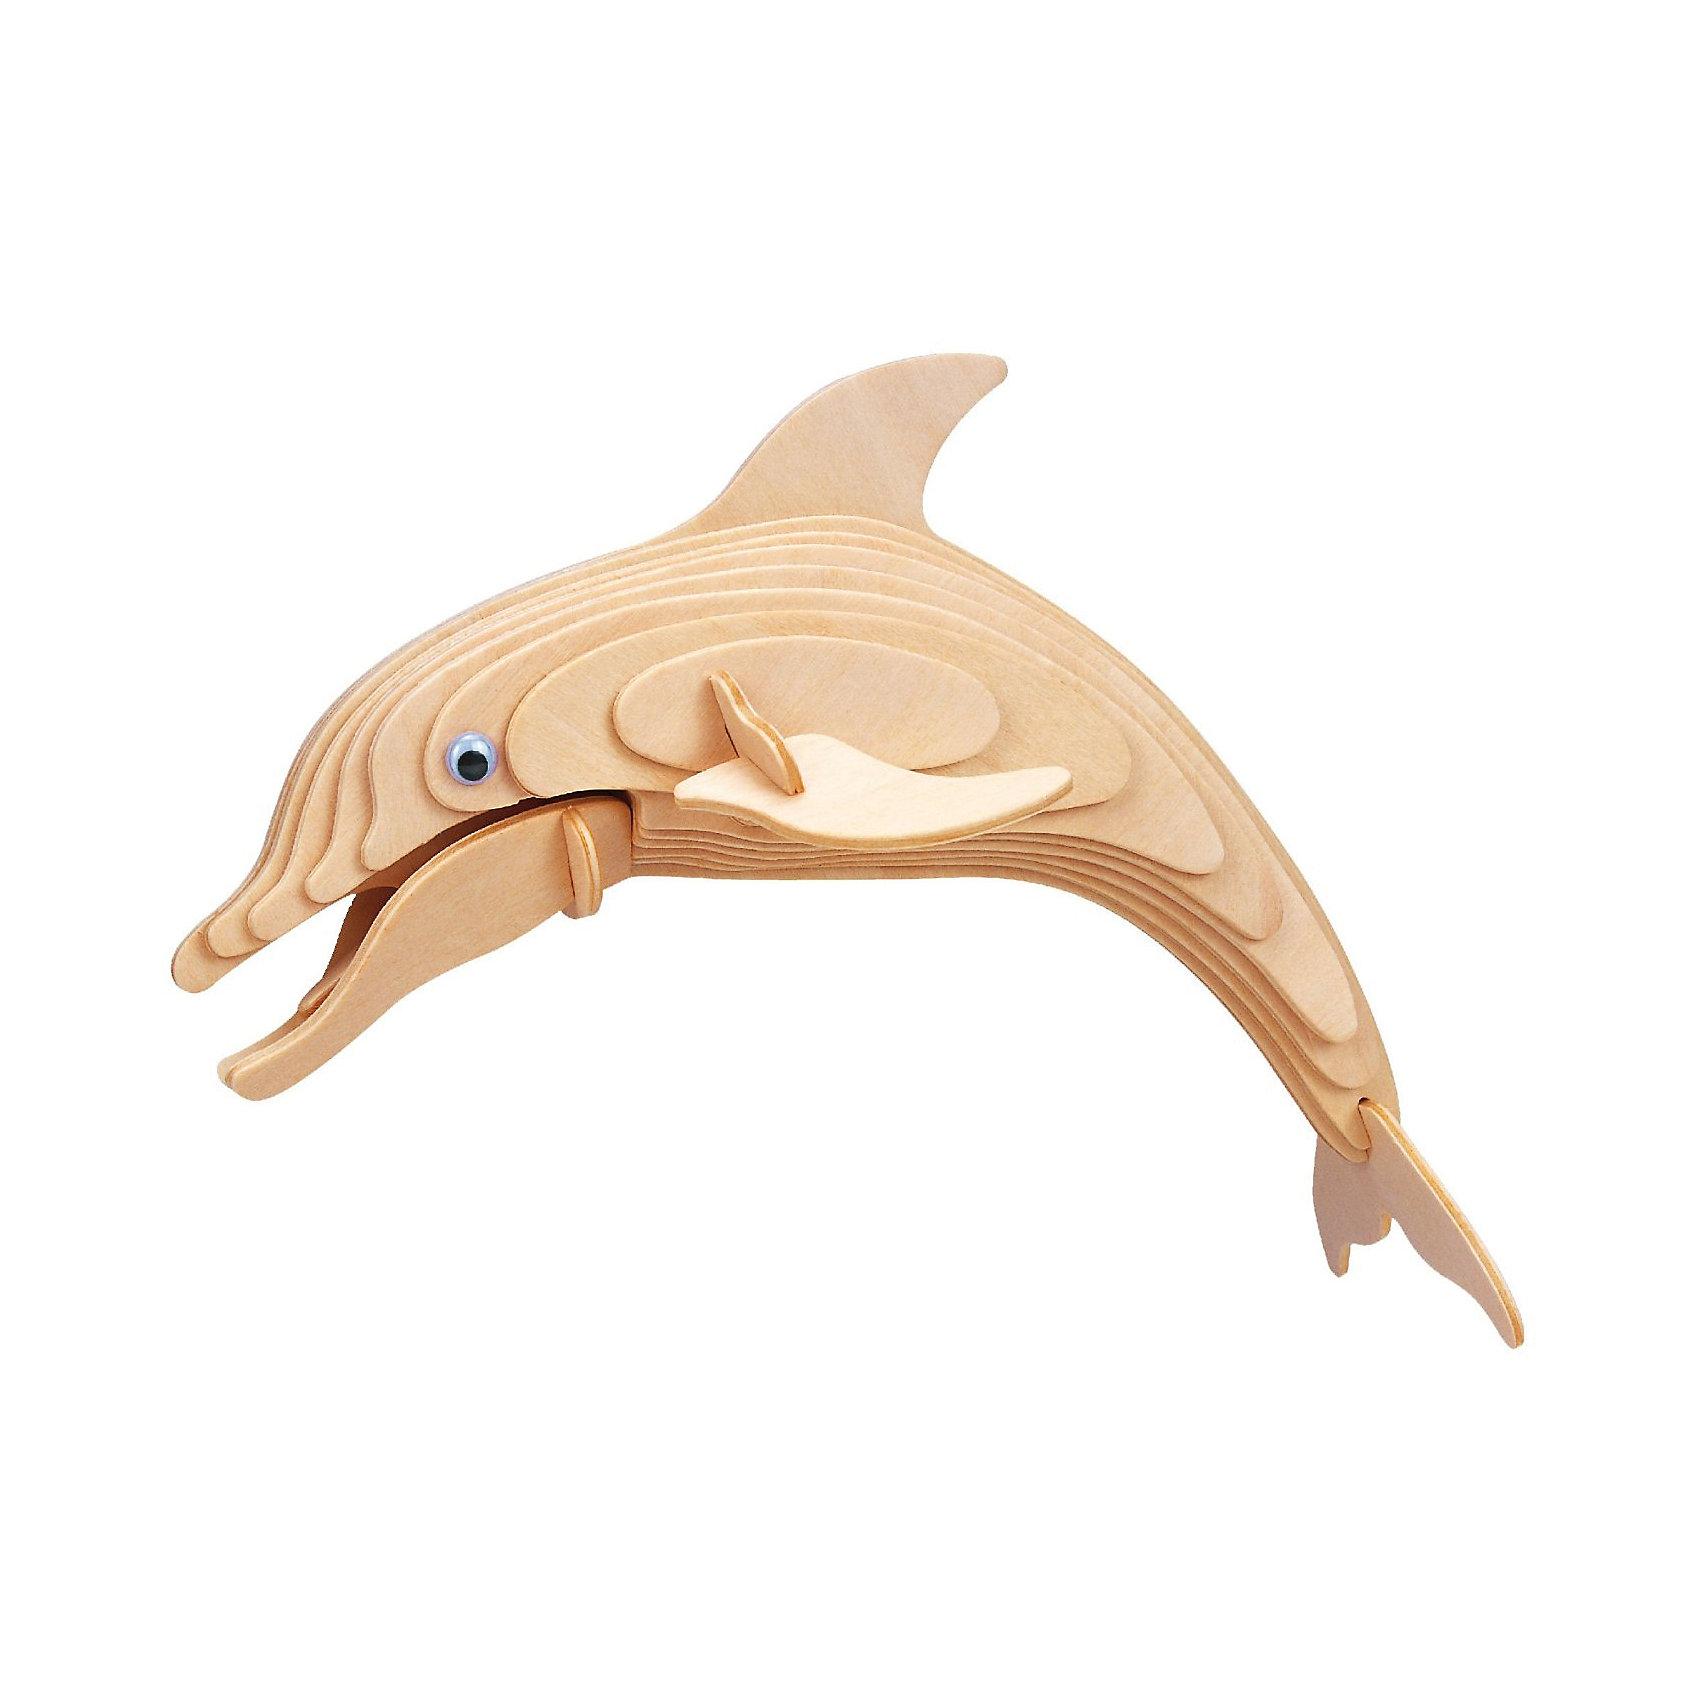 Дельфин (серия Ш), Мир деревянных игрушекДеревянные модели<br>Отличный вариант подарка для любящего животных творческого ребенка - этот набор, из которого можно самому сделать красивую деревянную фигуру! Для этого нужно выдавить из пластины с деталями элементы для сборки и соединить их. Из наборов получаются красивые очень реалистичные игрушки, которые могут стать украшением комнаты.<br>Собирая их, ребенок будет развивать пространственное мышление, память и мелкую моторику. А раскрашивая готовое произведение, дети научатся подбирать цвета и будут развивать художественные навыки. Этот набор произведен из качественных и безопасных для детей материалов - дерево тщательно обработано.<br><br>Дополнительная информация:<br><br>материал: дерево;<br>цвет: бежевый;<br>элементы: пластины с деталями, схема сборки;<br>размер упаковки: 23 х 37 см.<br><br>3D-пазл Дельфин (серия Ш) от бренда Мир деревянных игрушек можно купить в нашем магазине.<br><br>Ширина мм: 225<br>Глубина мм: 30<br>Высота мм: 180<br>Вес г: 450<br>Возраст от месяцев: 36<br>Возраст до месяцев: 144<br>Пол: Унисекс<br>Возраст: Детский<br>SKU: 4969255